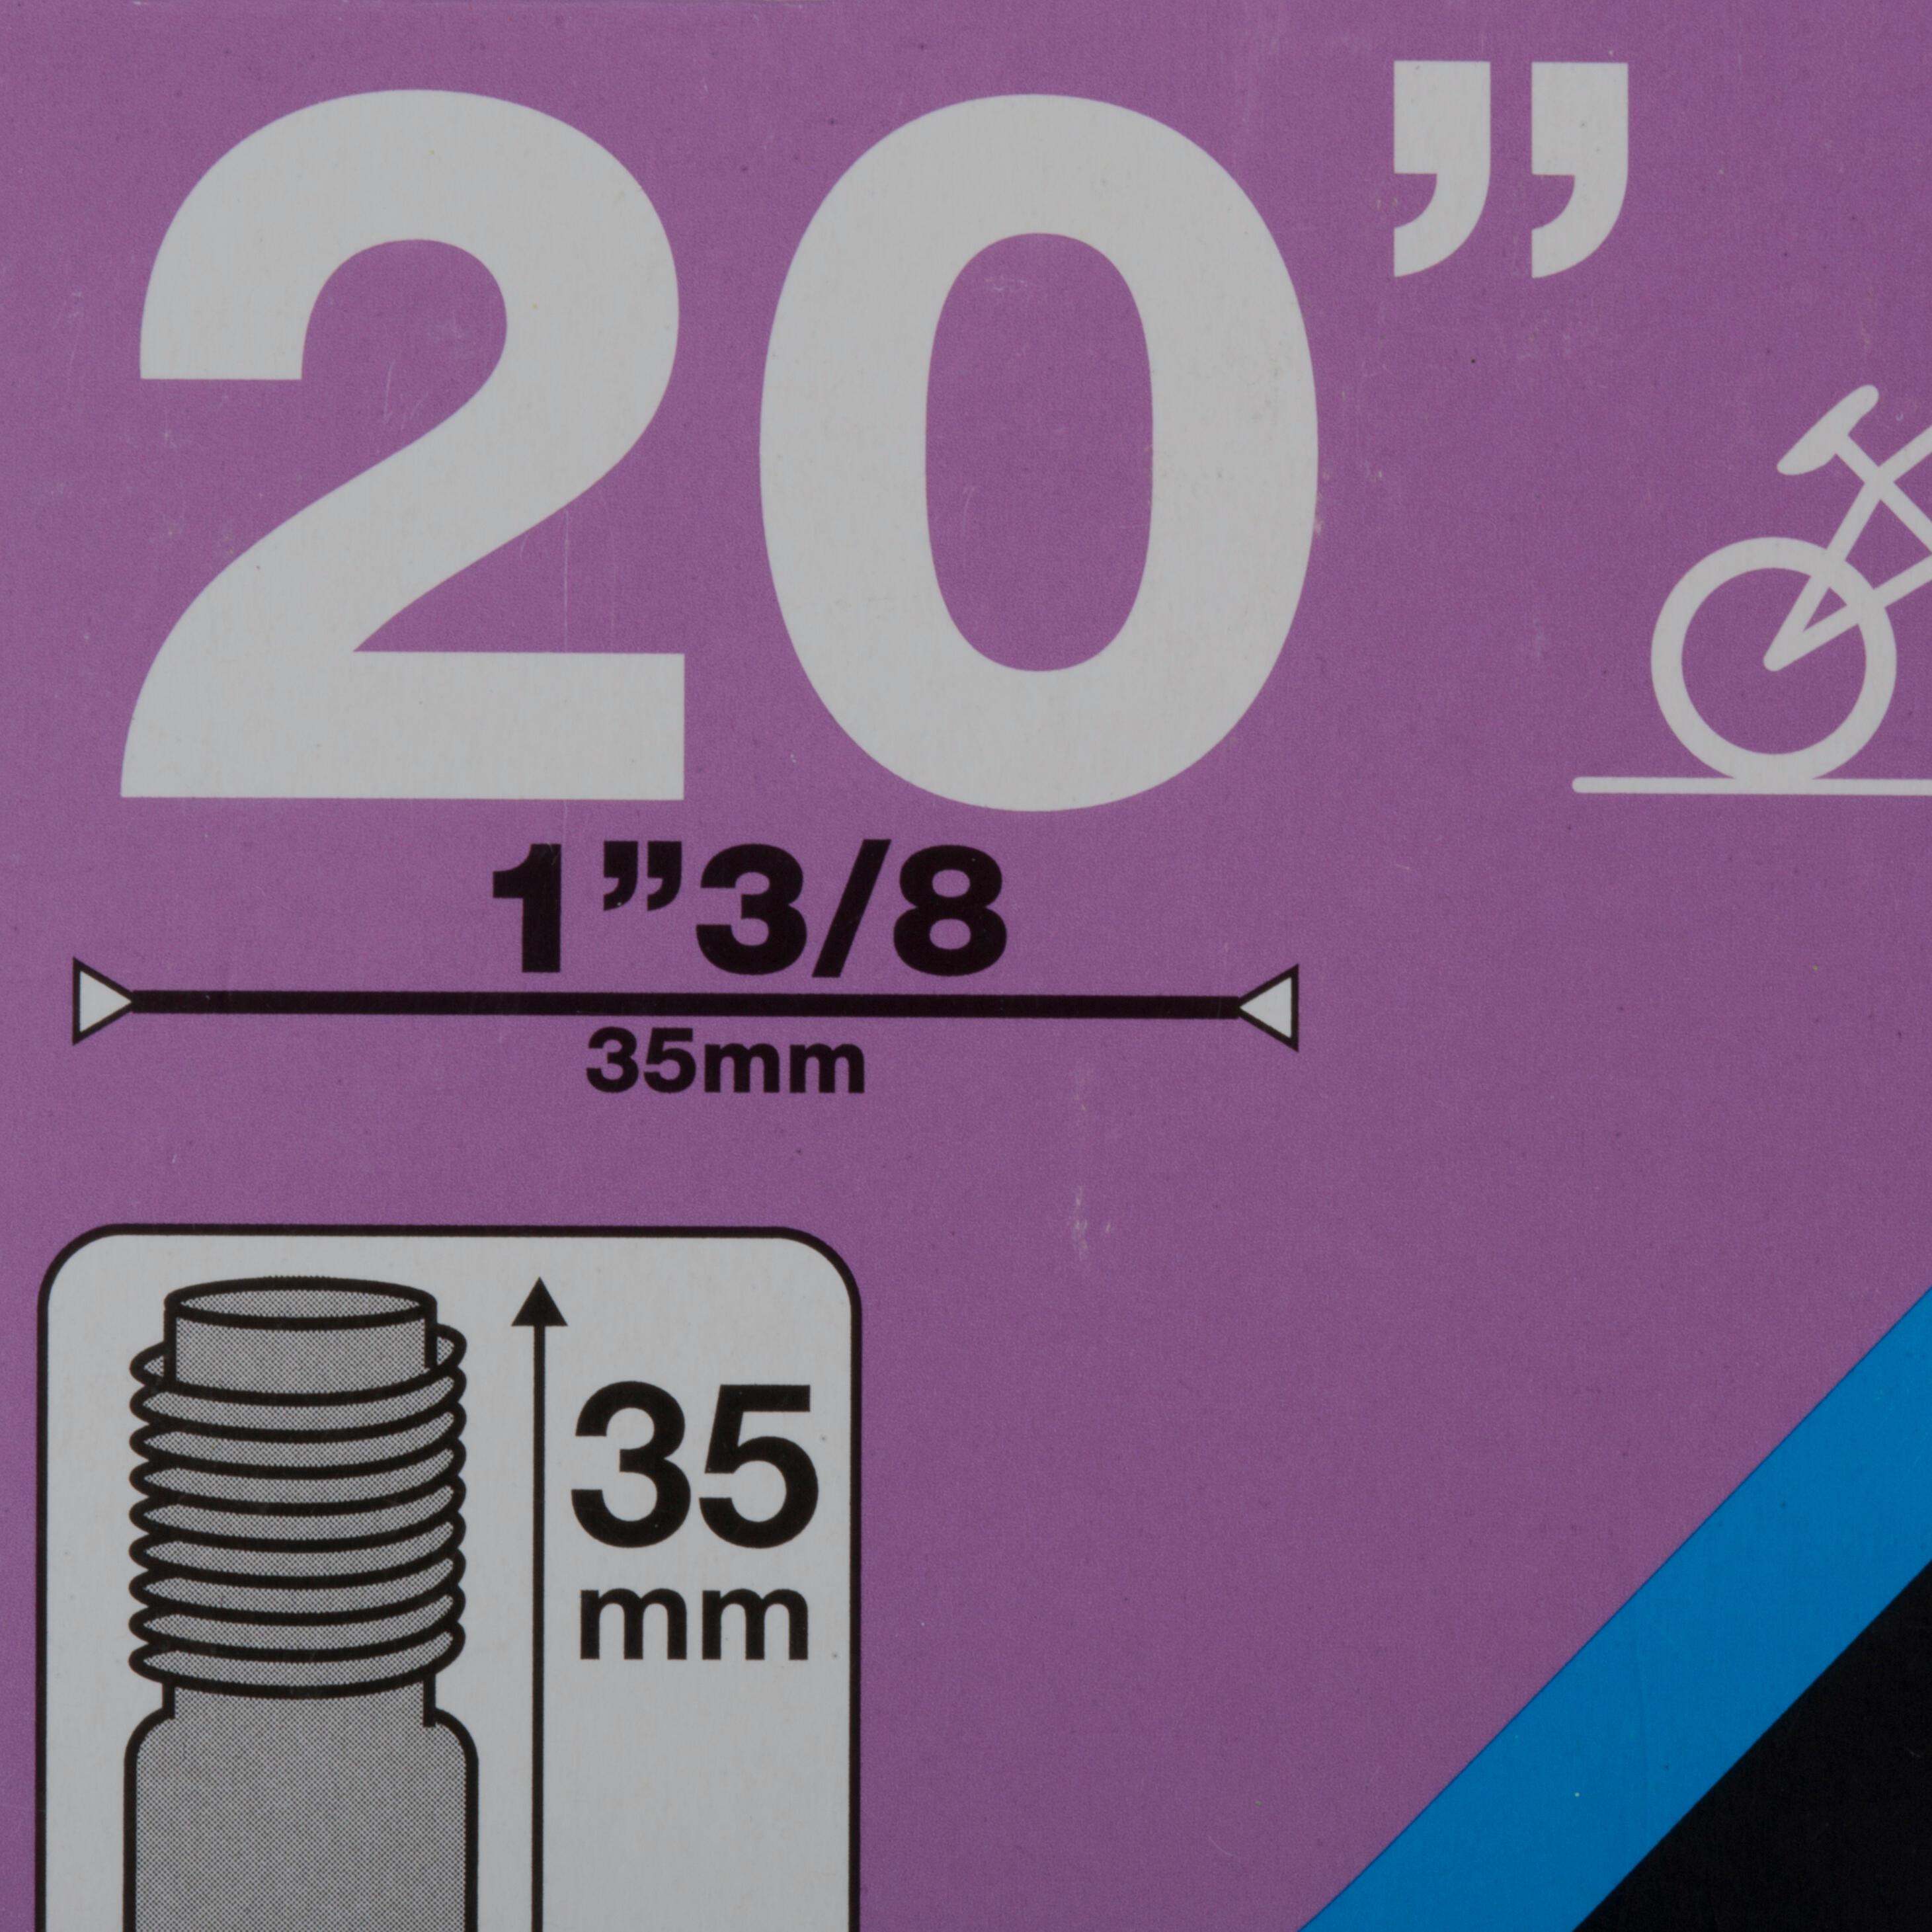 """CHAMBRE À AIR BMX 20""""x1,3/8 VALVE SCHRADER / ETRTO 32-40/438-451"""